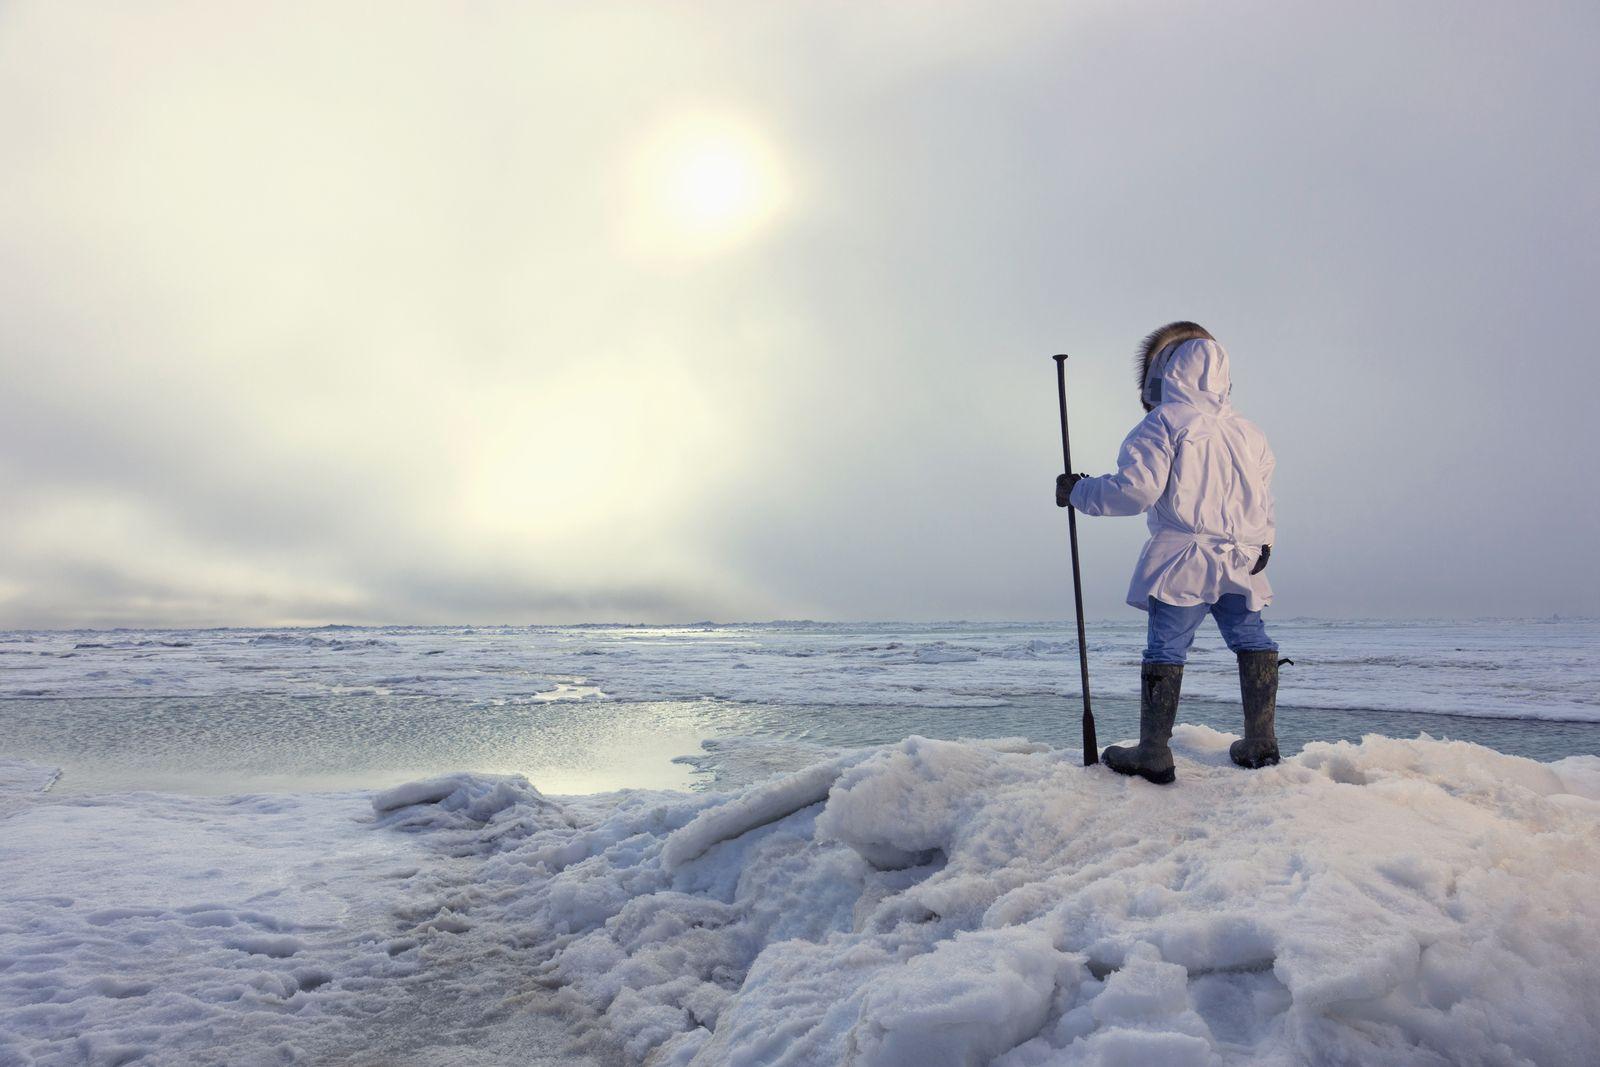 NICHT MEHR VERWENDEN! - Arktis / Eis / Klimawandel